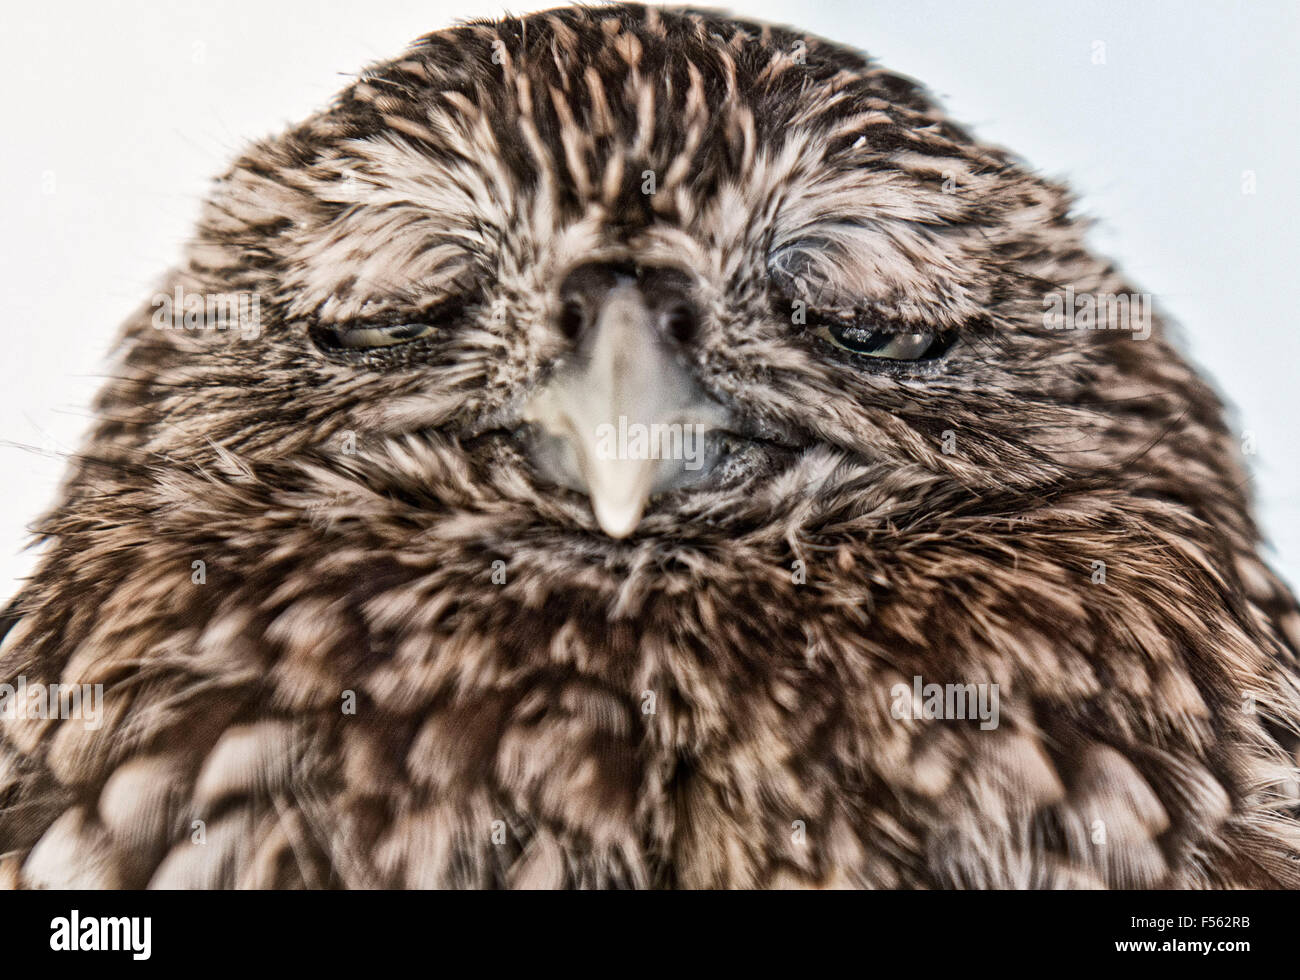 Europaeischer Steinkauz, Athene Noctua, little owl - Stock Image